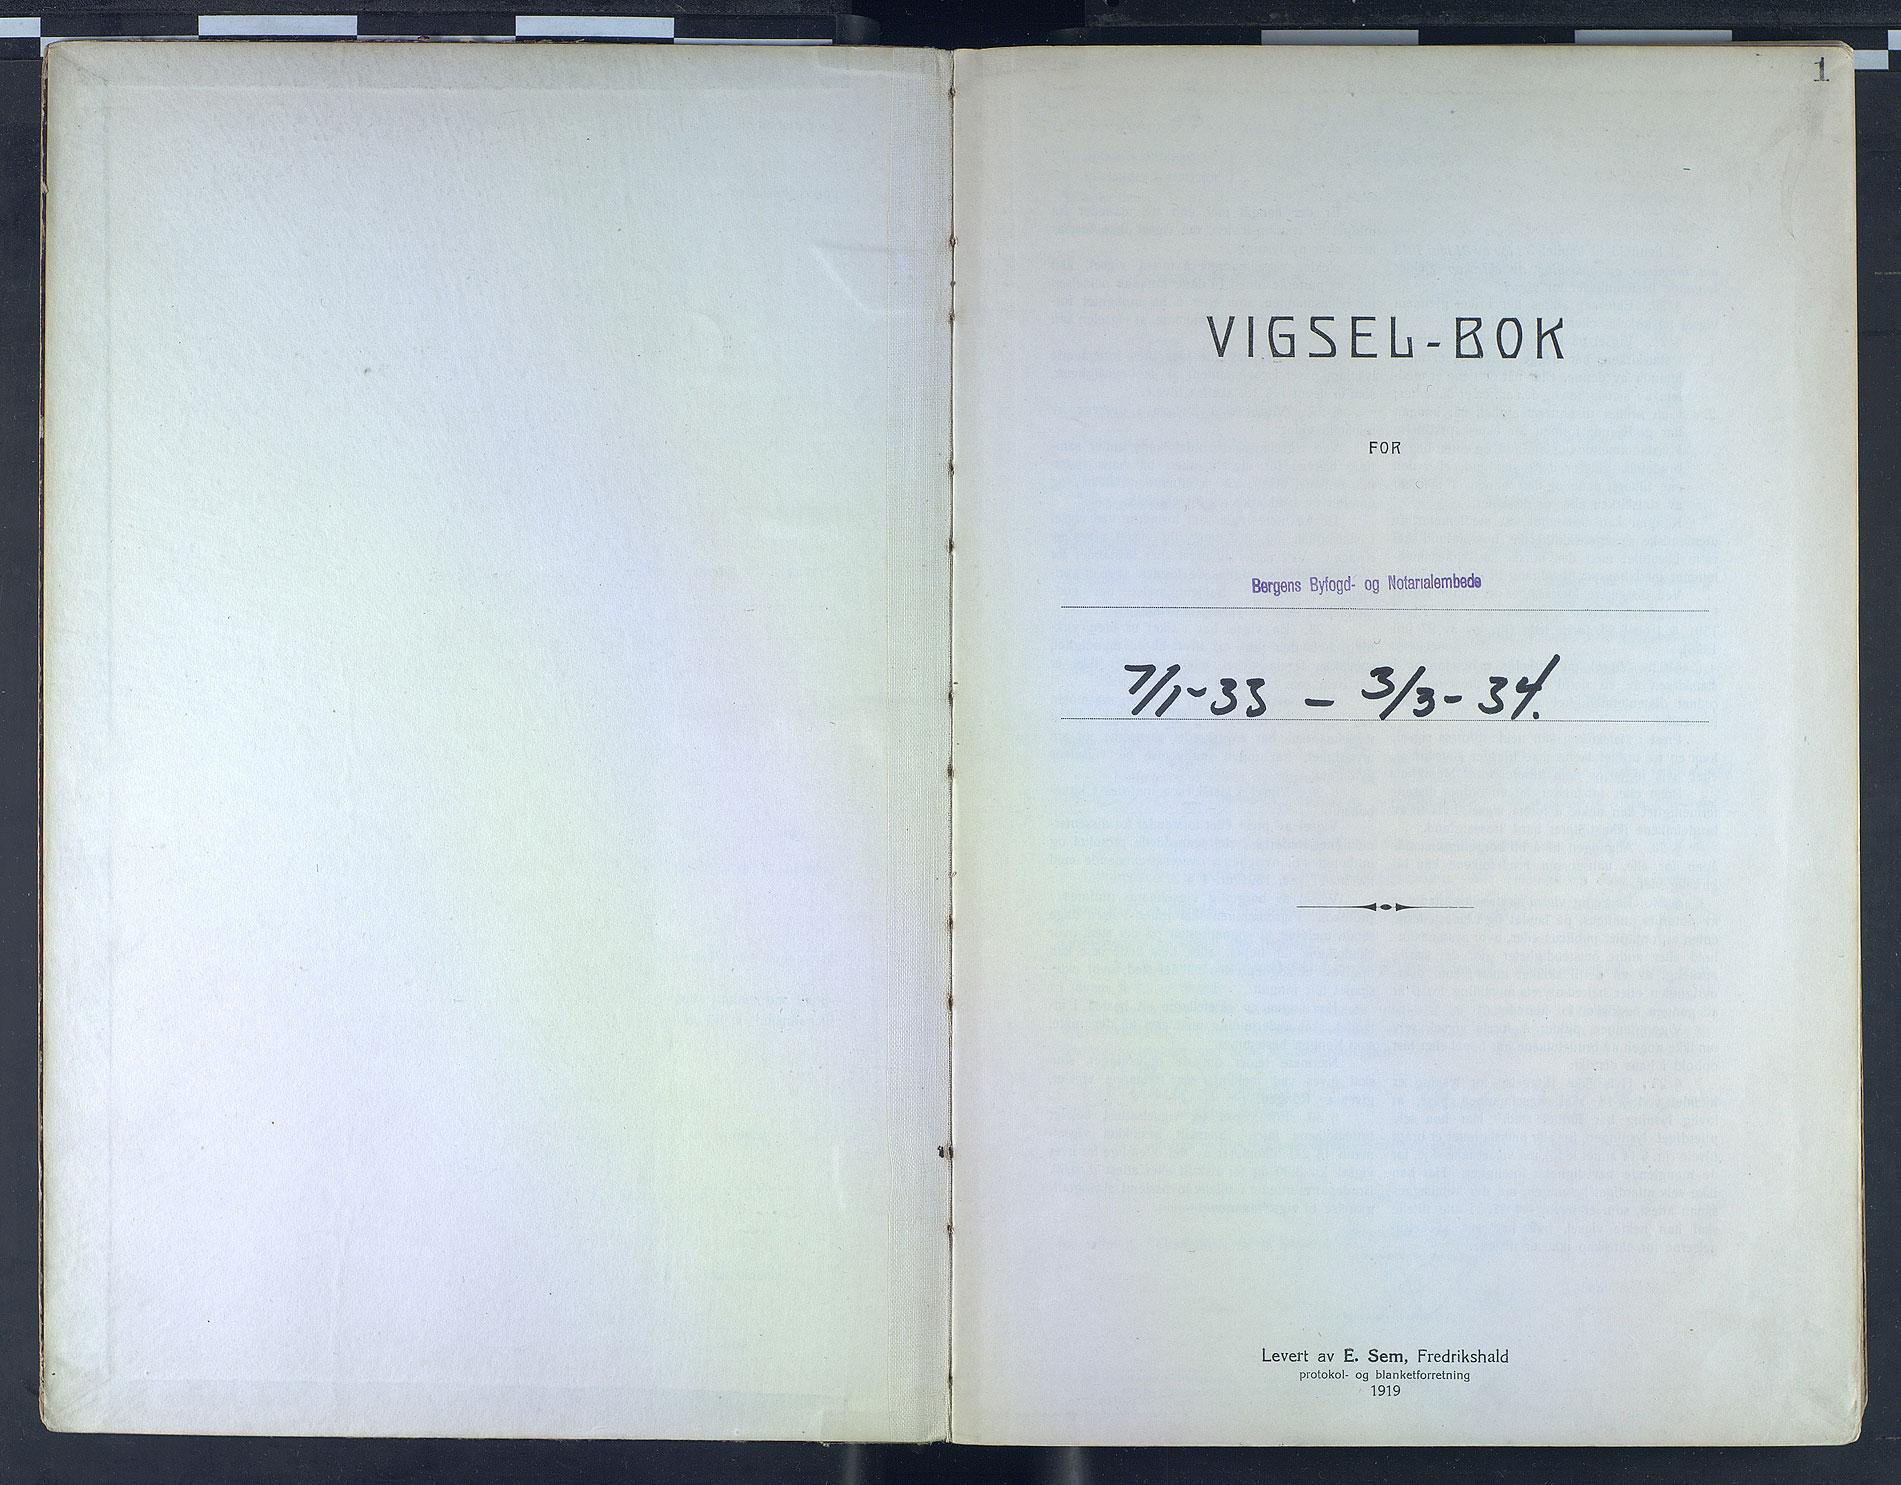 SAB, Bergen byfogd og byskriver*, 1933-1934, s. 1a